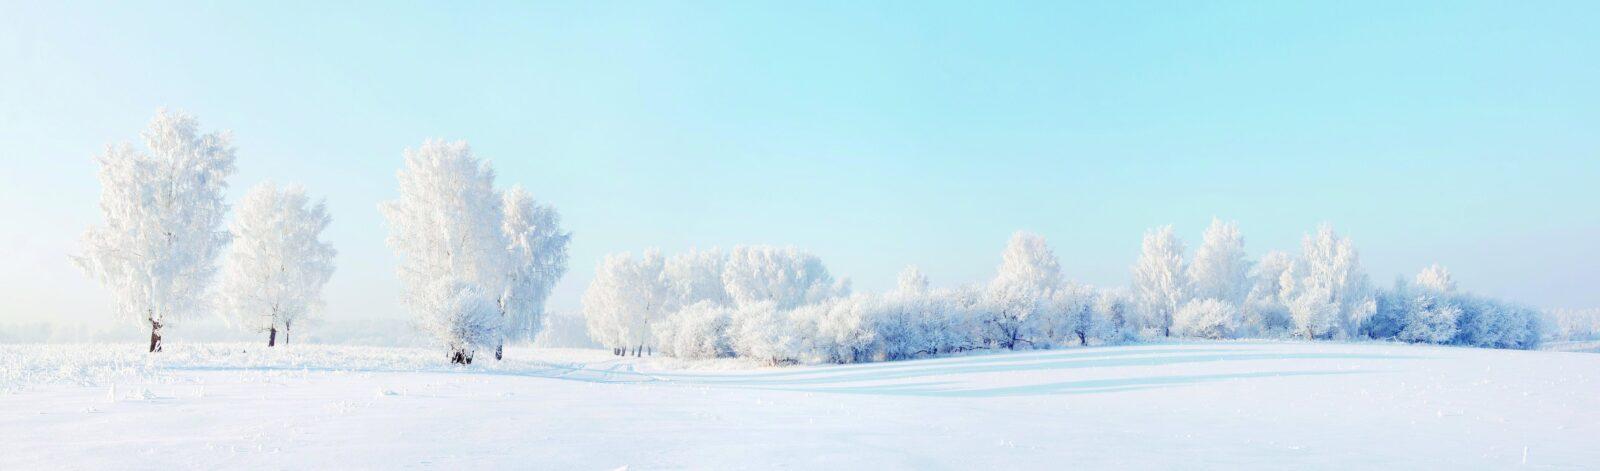 les-zima-sneg